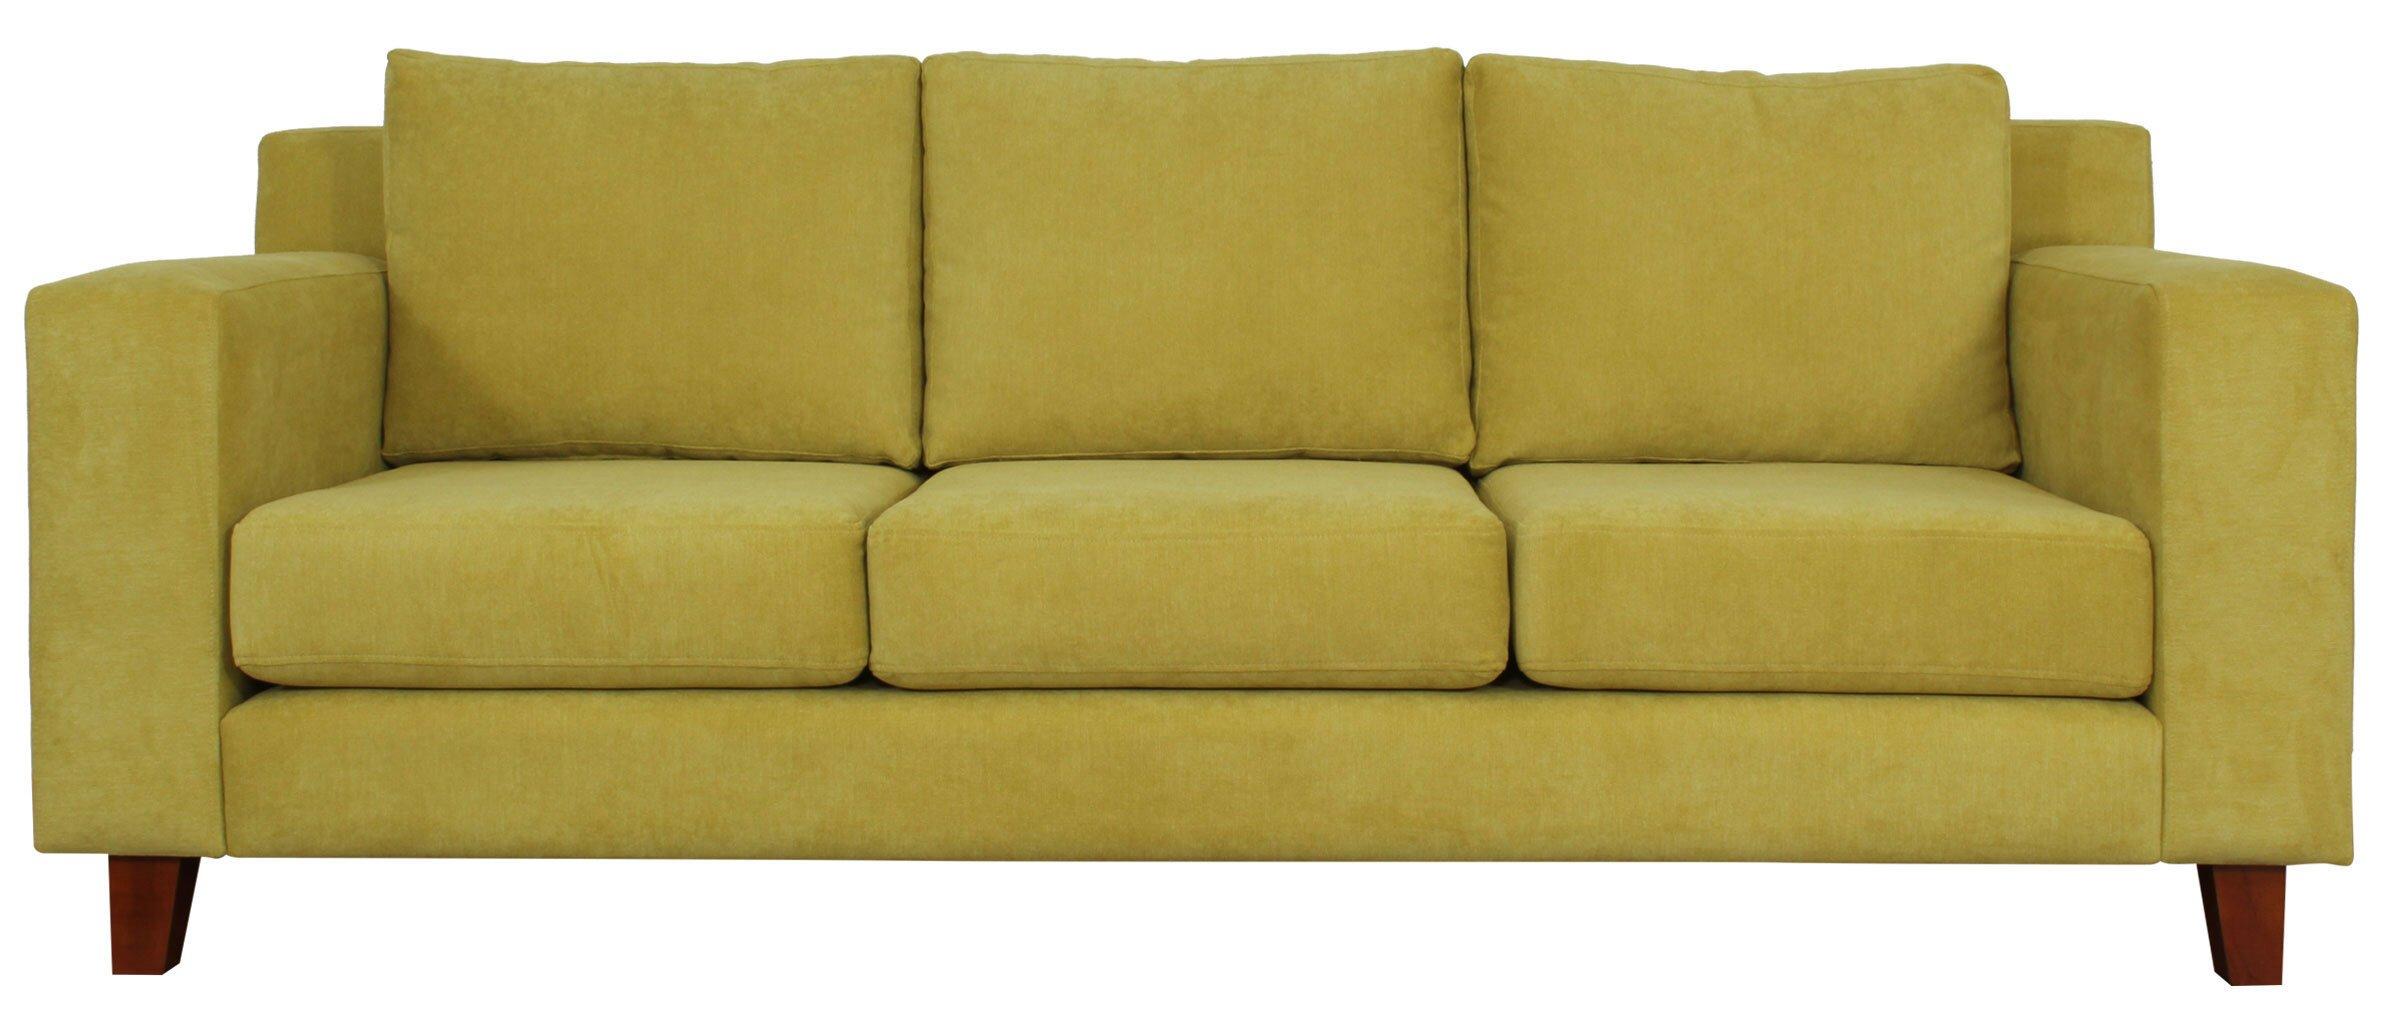 Sofa 3c Respaldo Continuo 111